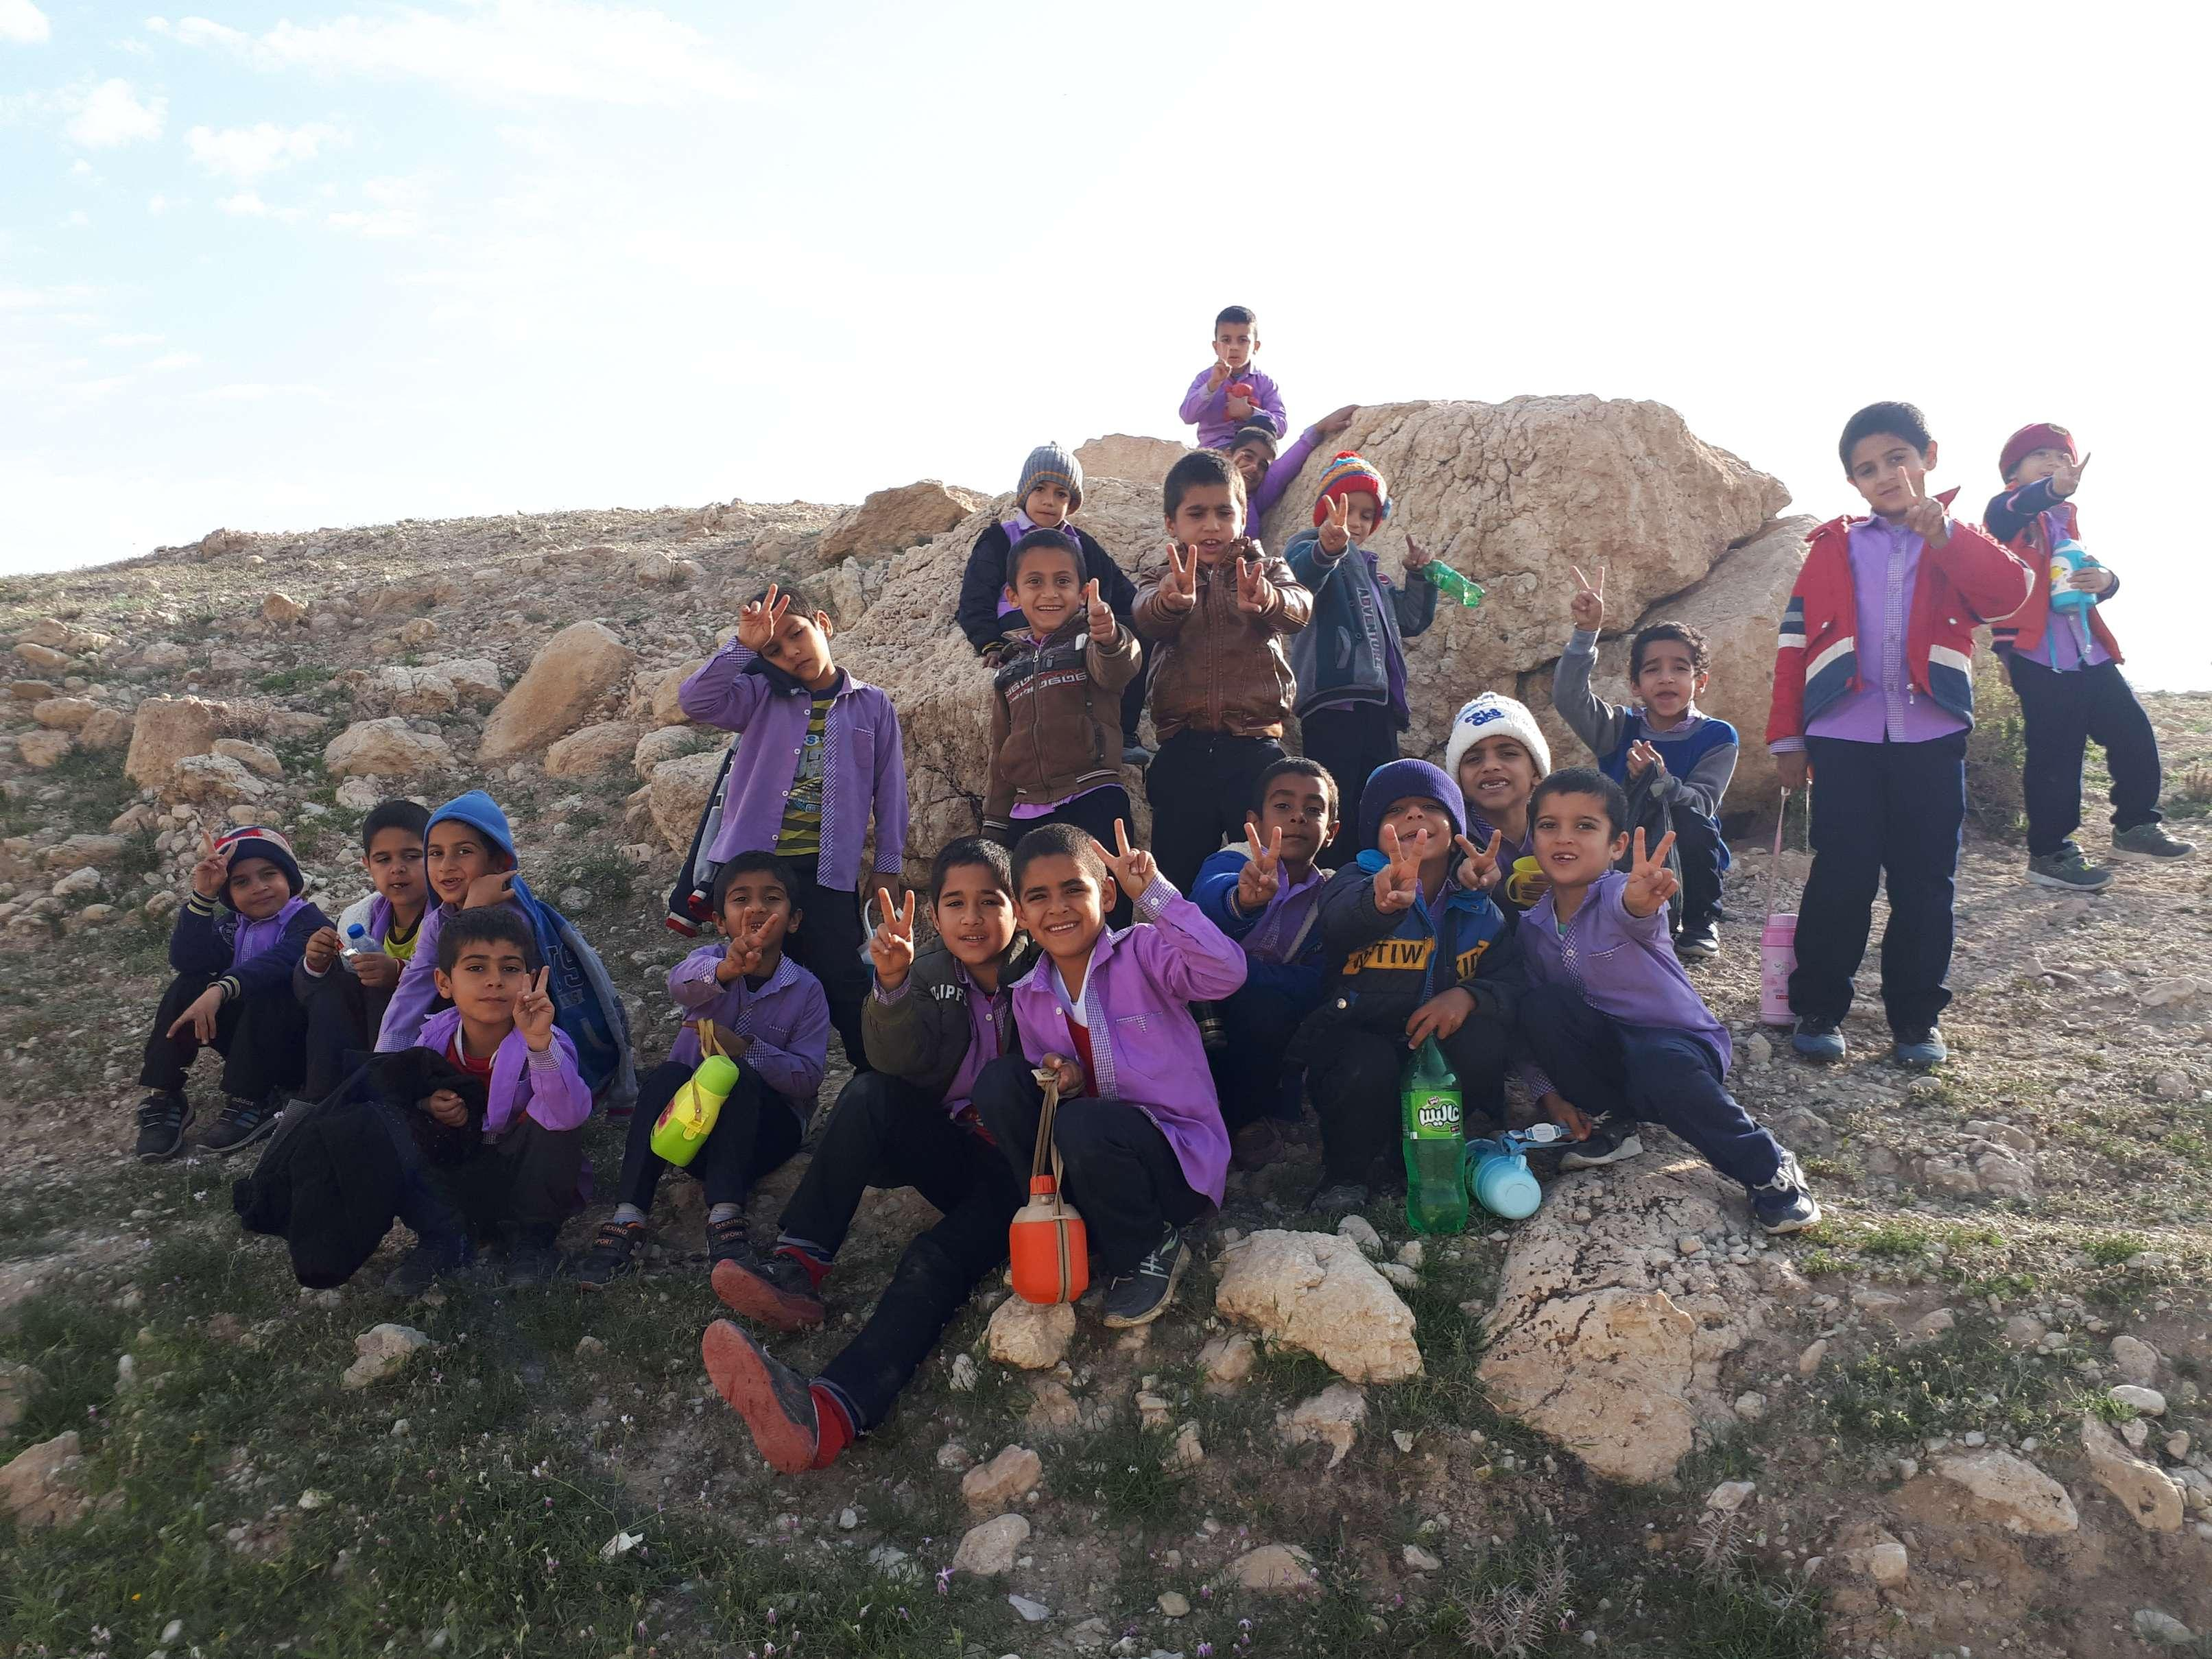 اردو یک روزه زمین چمن روستا با بچه ها کلی خوش گذشت جای همه خالی مصطفی 94